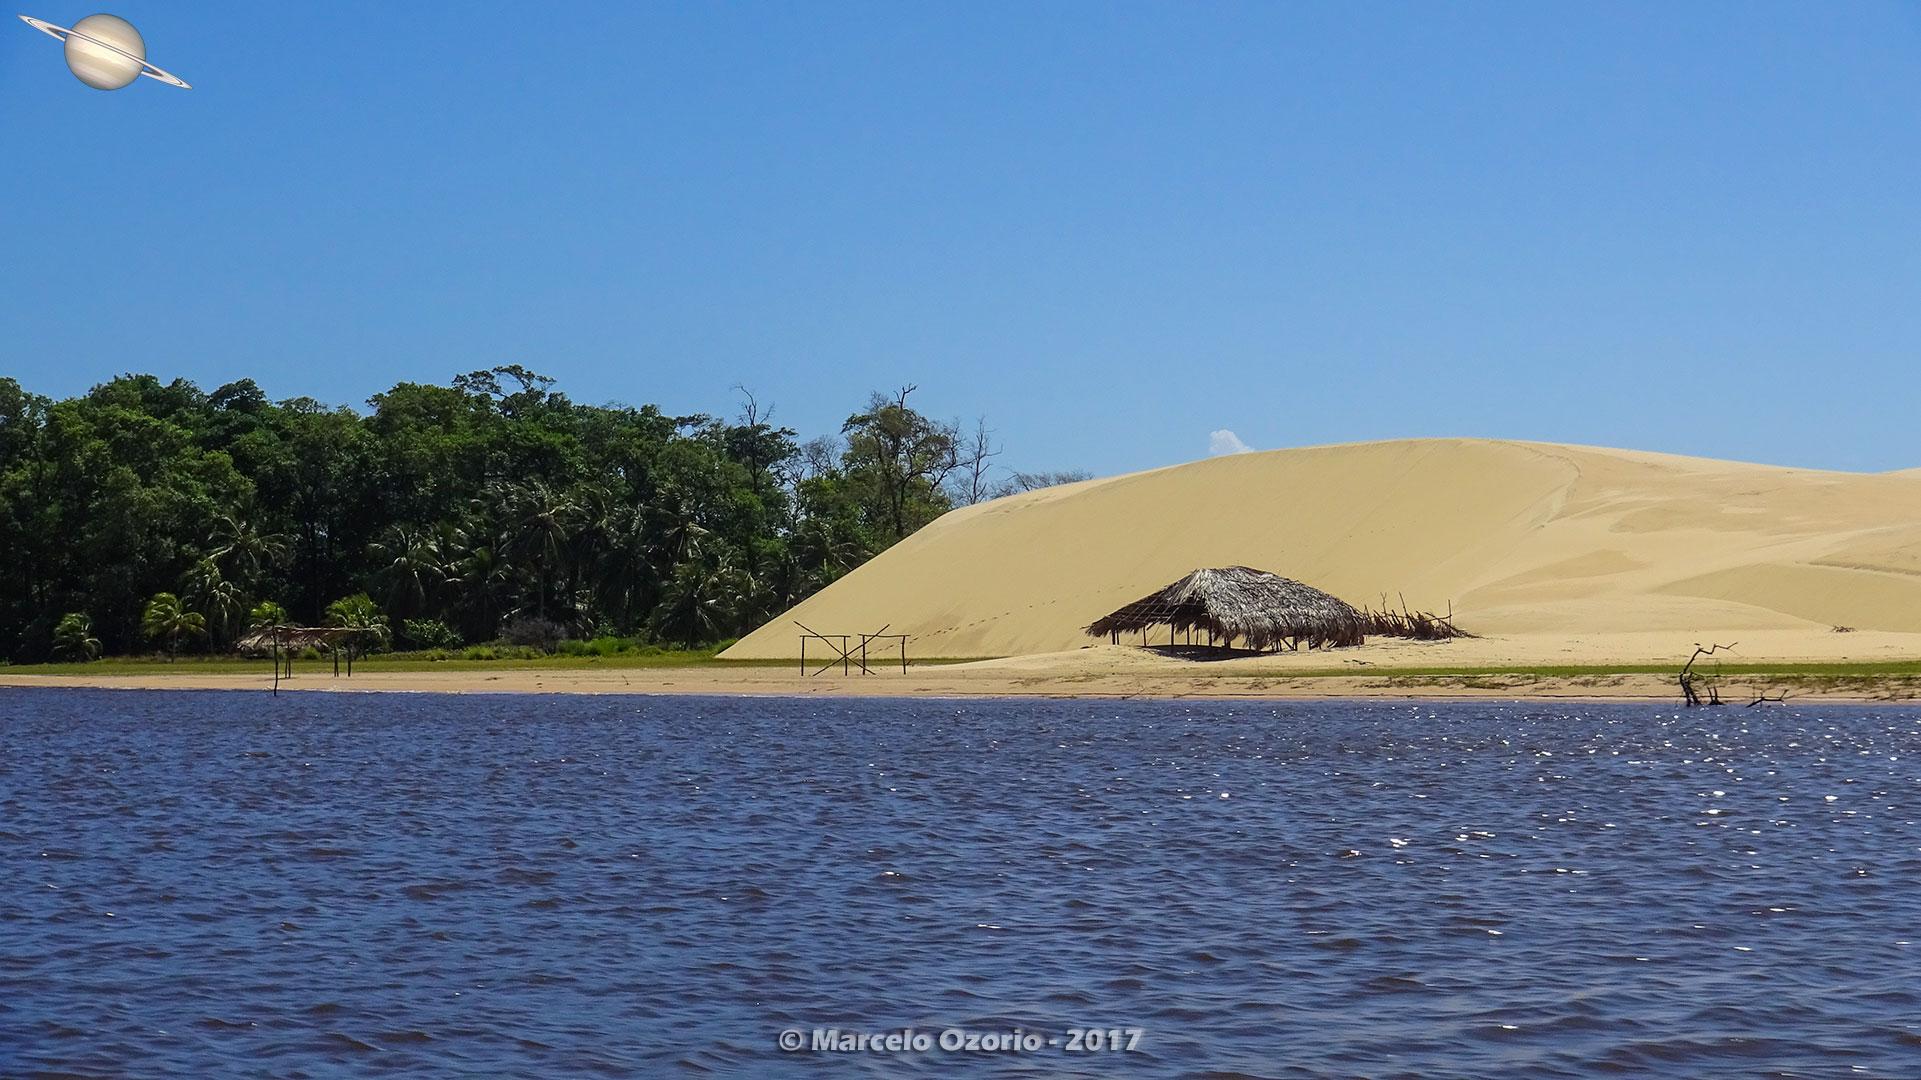 barreirinhas descendo rio preguicas atins 18 - De Barreirinhas à Canto do Atins. Trekking nos Lençóis Maranhenses - Brasil